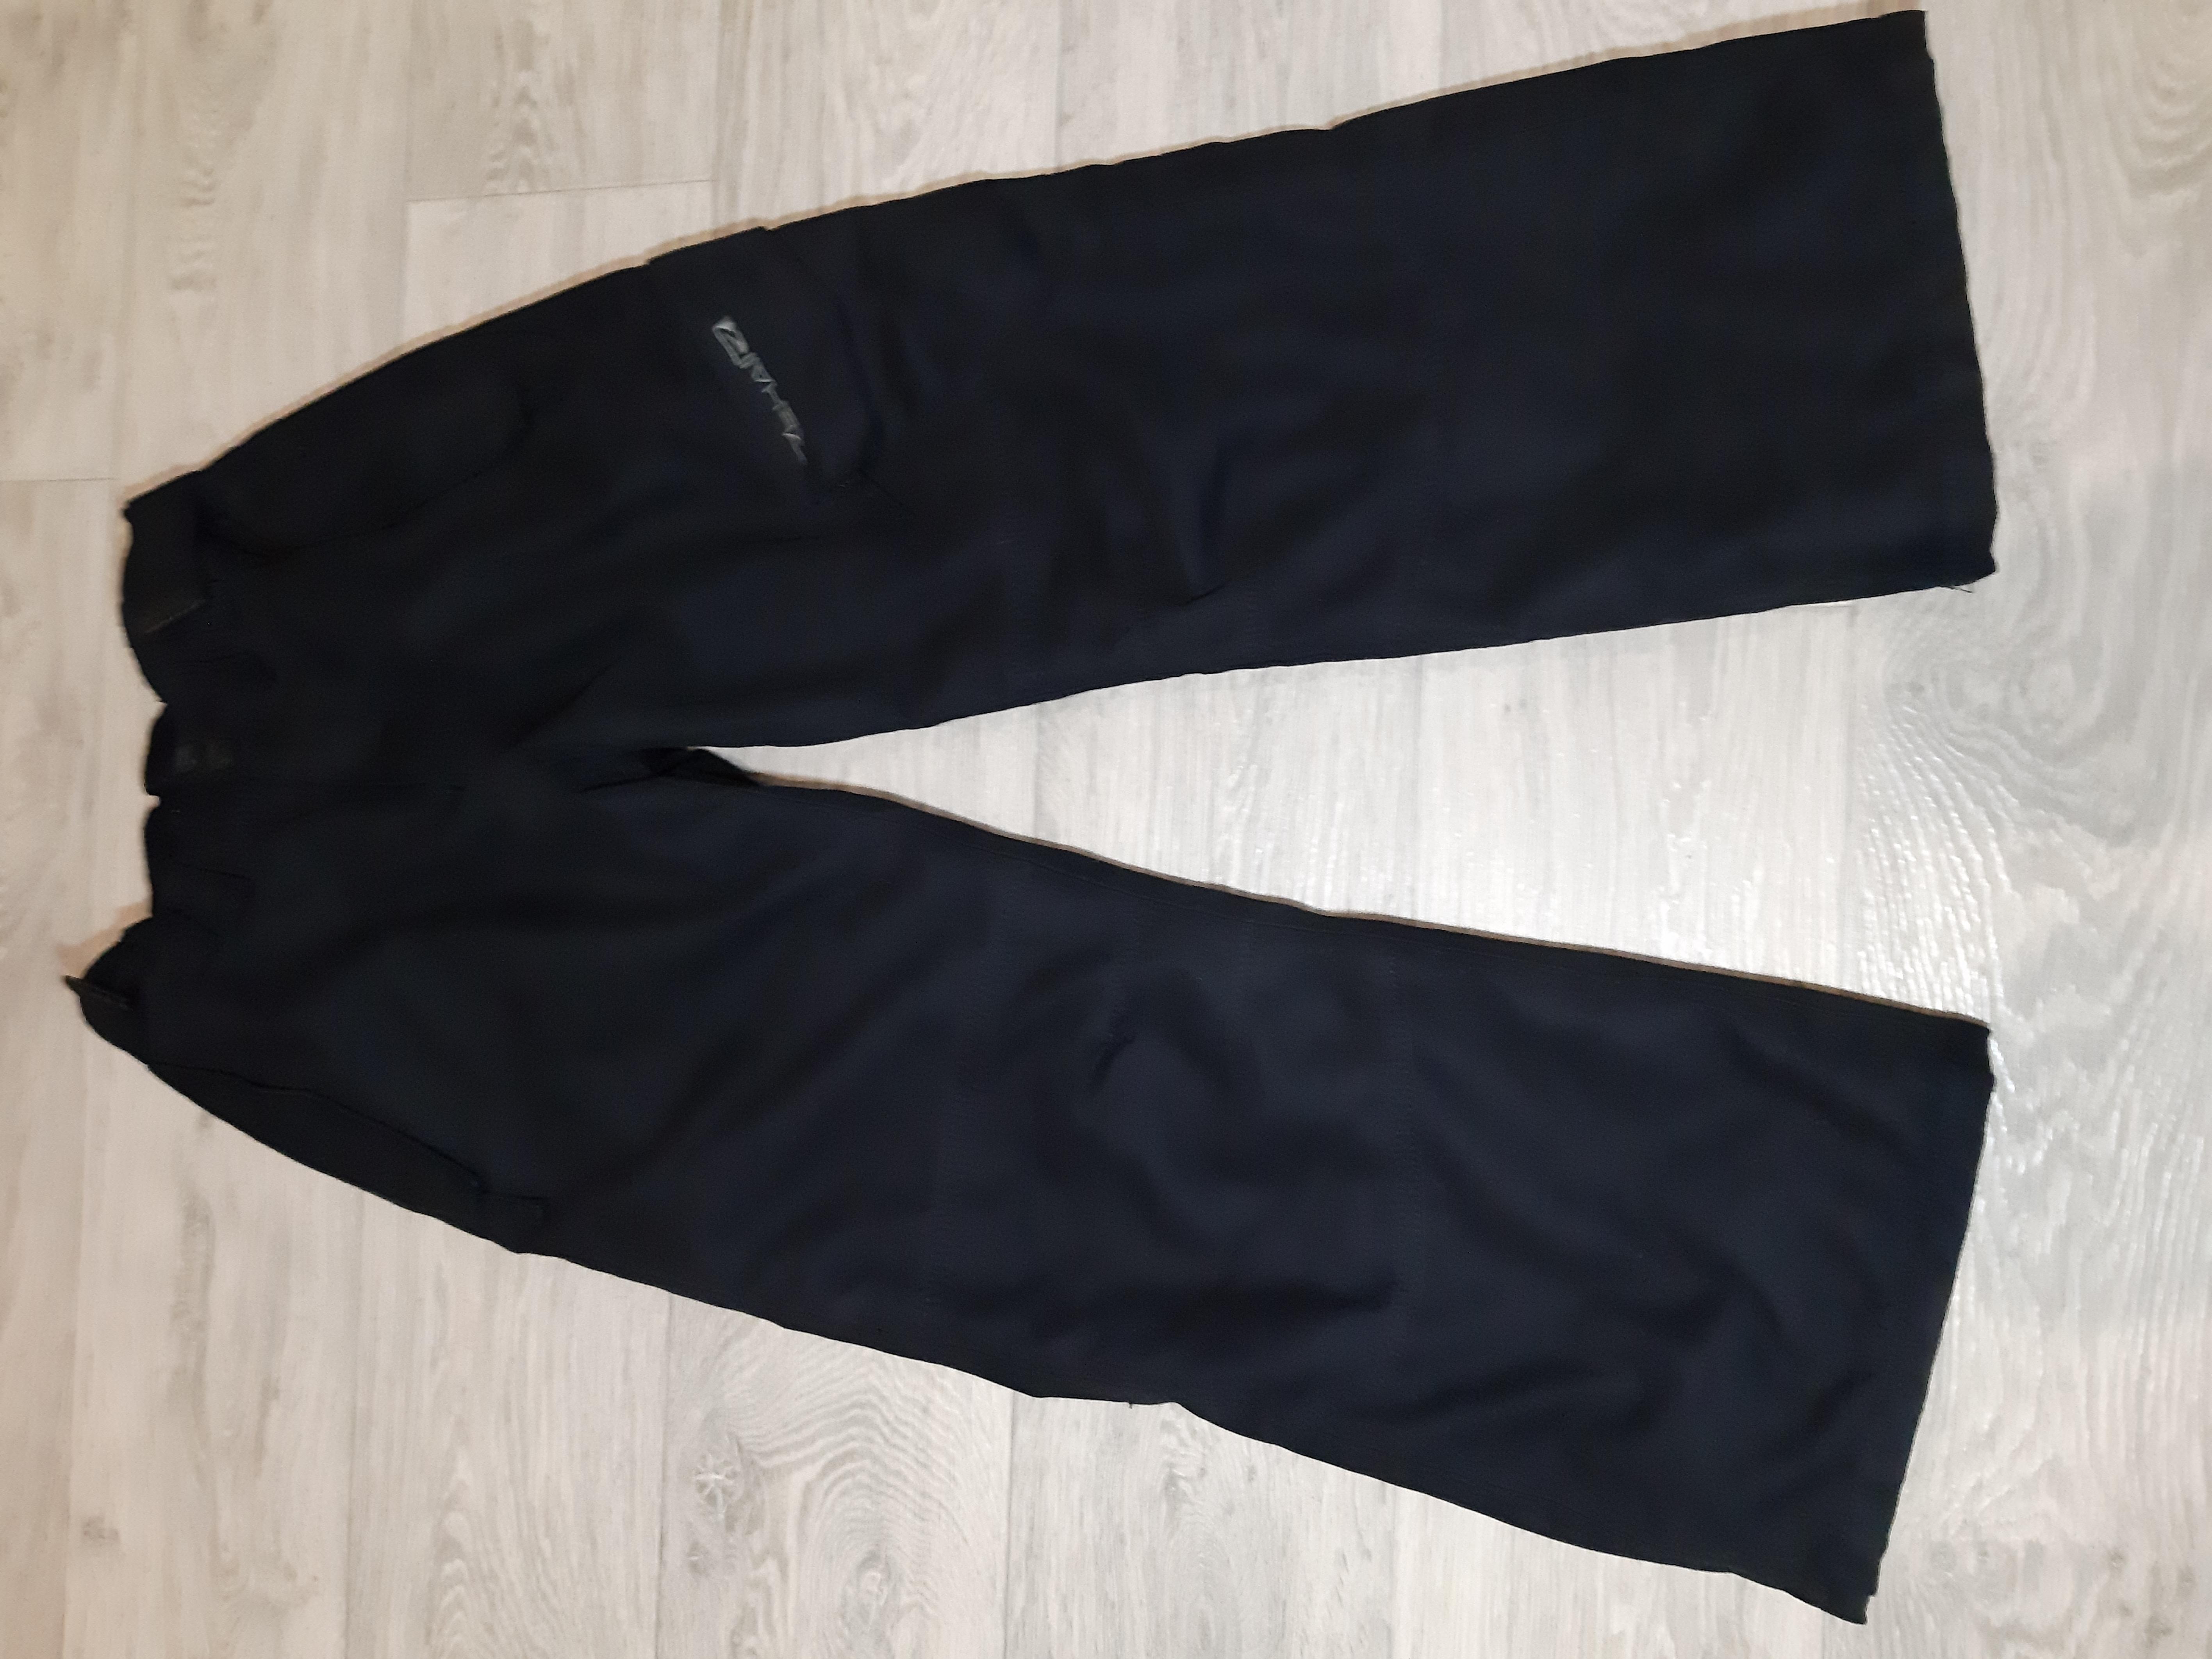 Термо штаны на мальчика,фирмы Rehall,на рост 128,Оригинал!Состояние Новых!